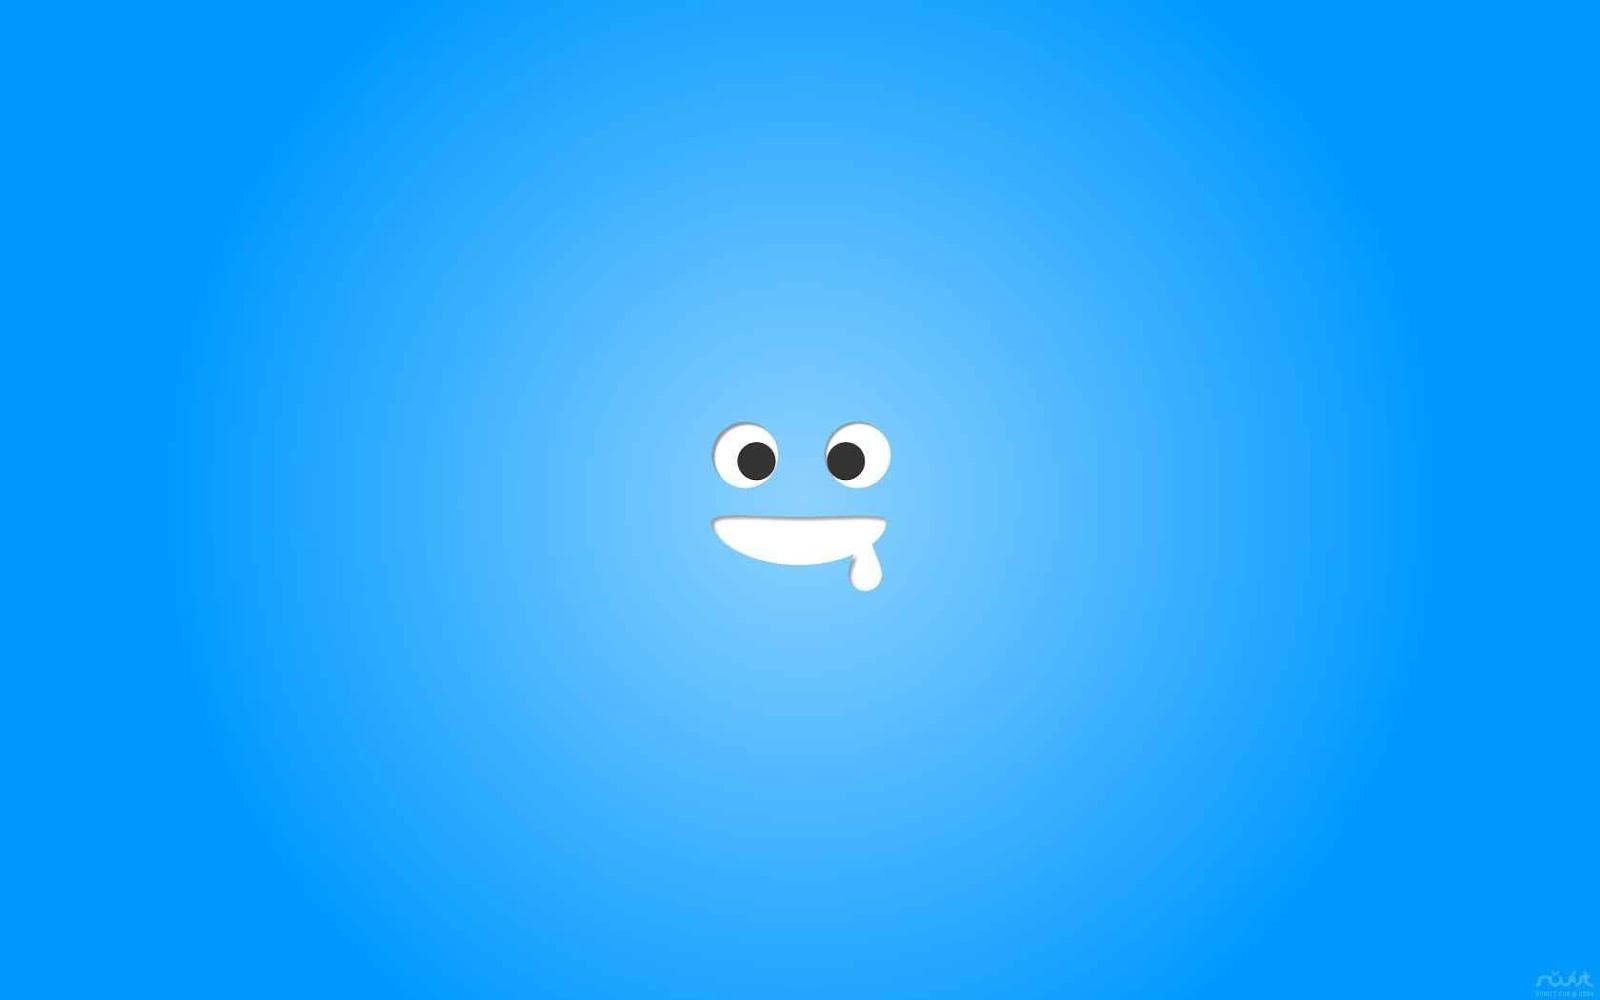 Fondo de pantalla animacion sonrisa y ojos for Imagenes fondo escritorio